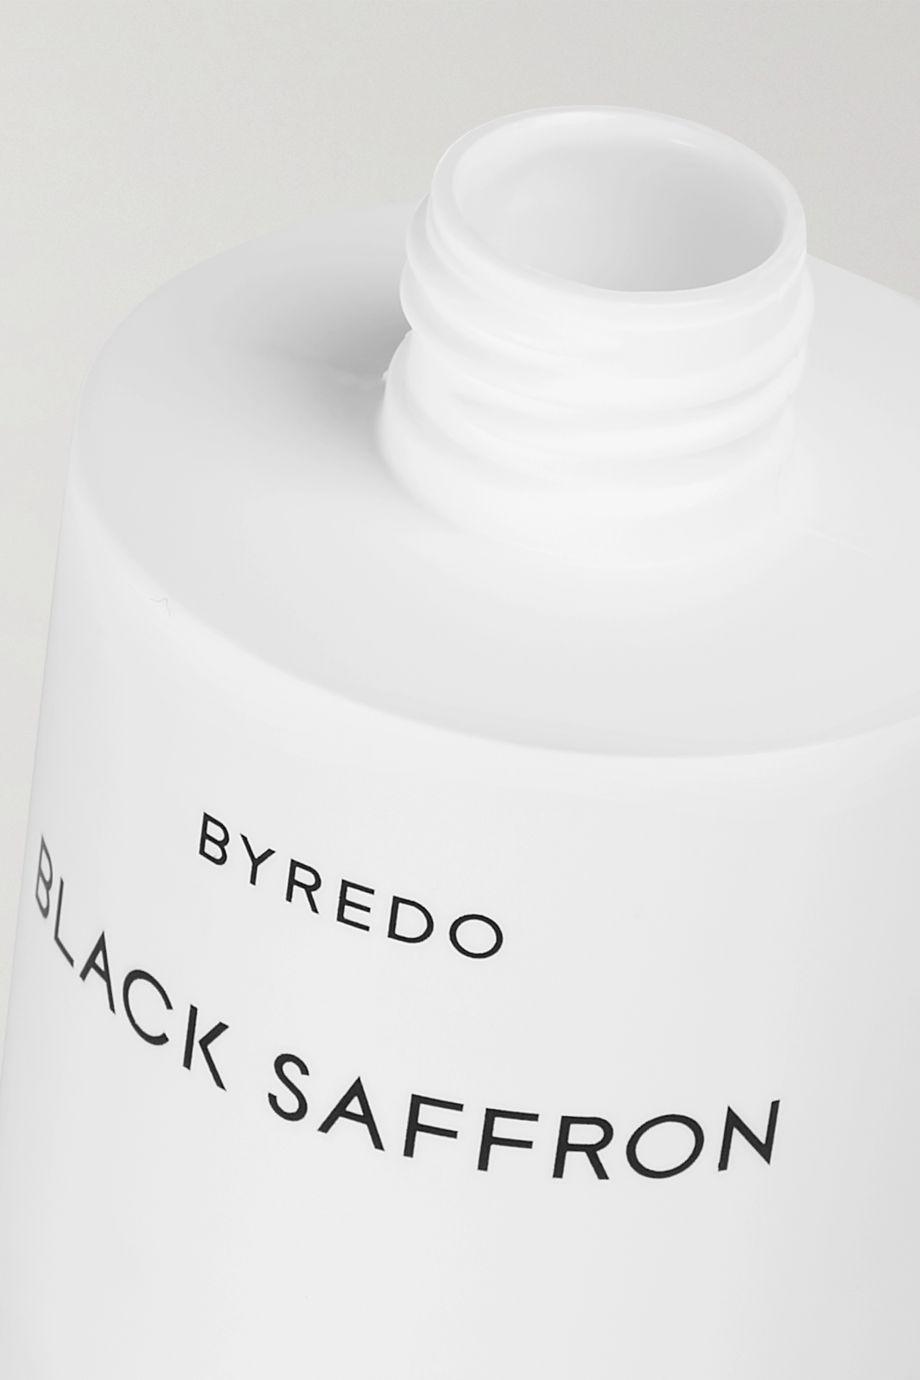 Byredo Black Saffron Body Lotion, 225ml